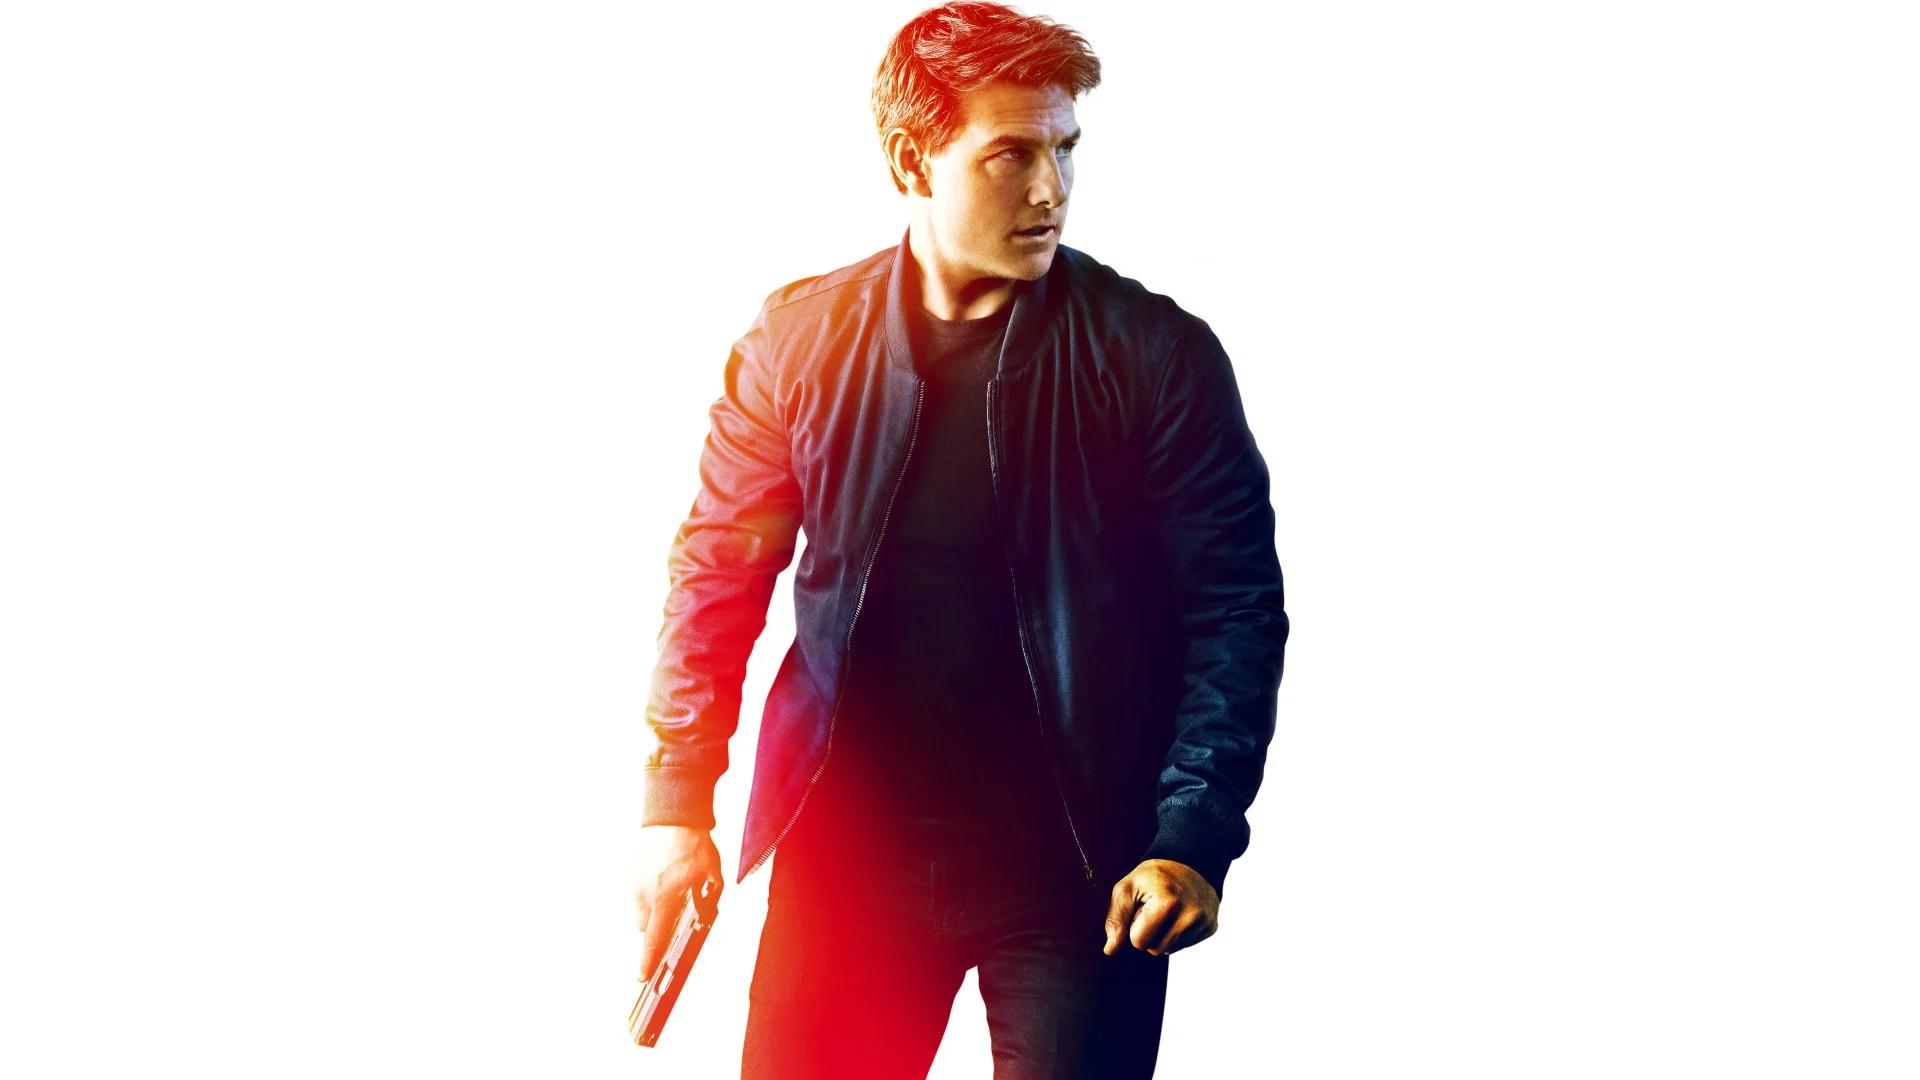 معرفی فیلم سینمایی Mission: Impossible 7